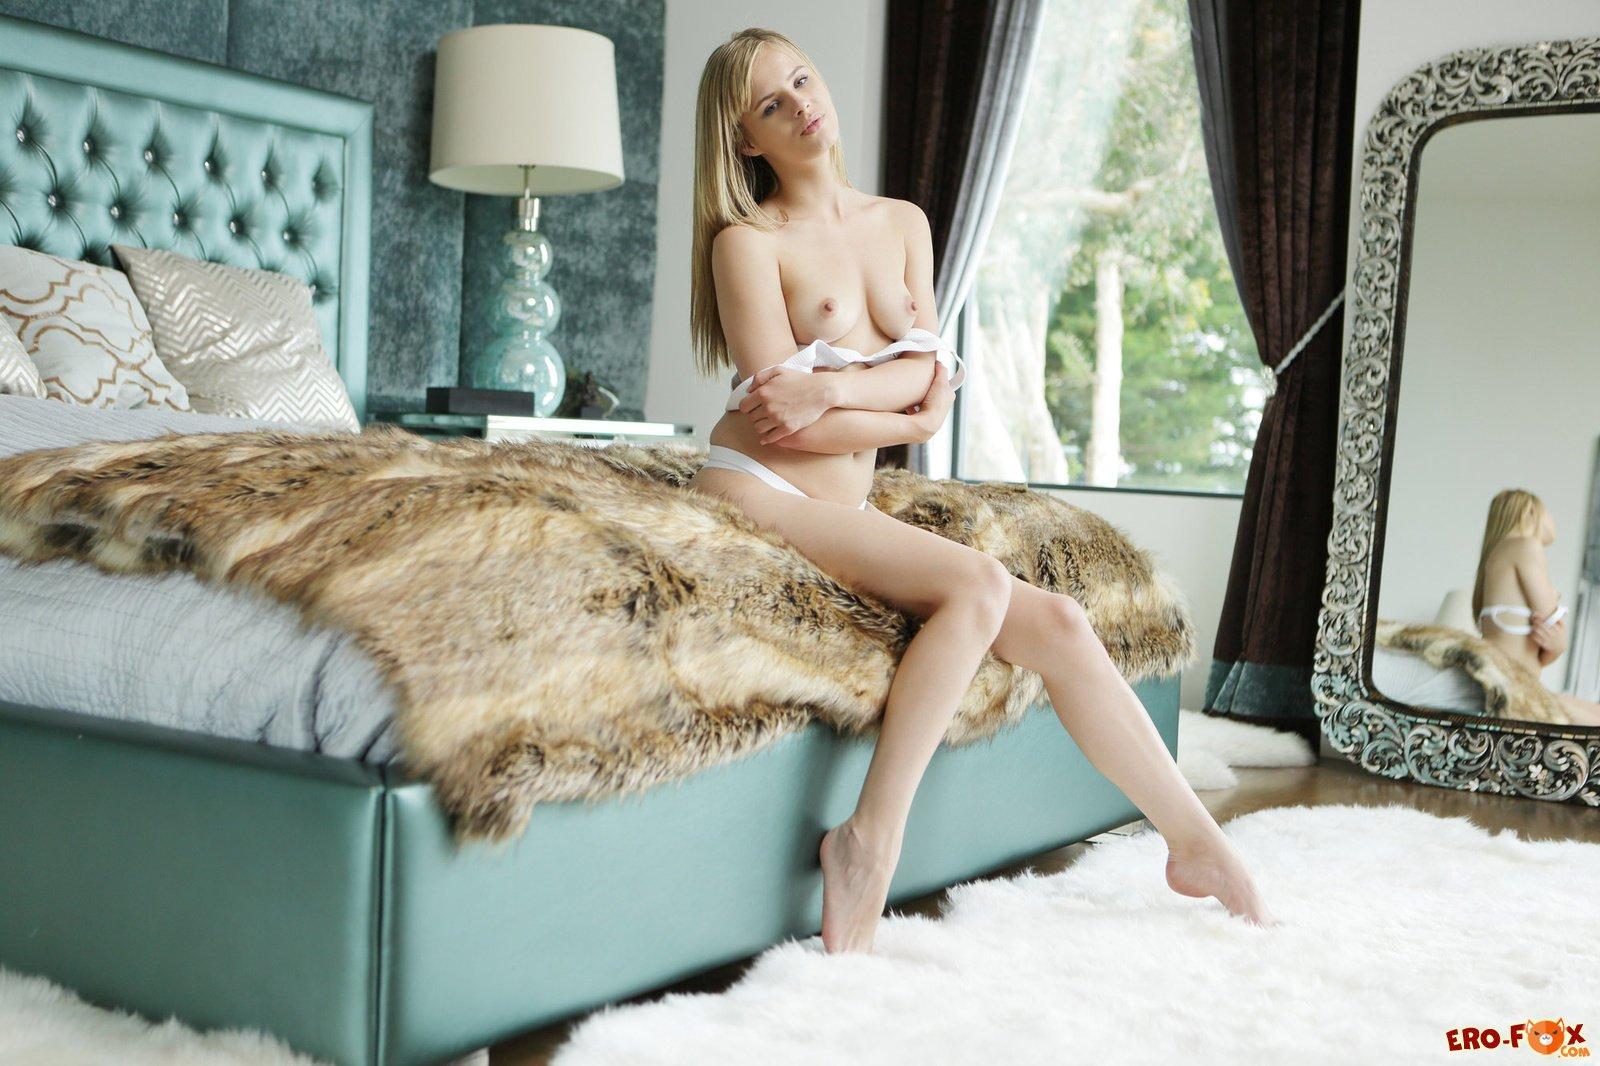 Блондинка с дилдо в нежной розовой киске » Эротикасмотреть лучшую фото эротику бесплатно.